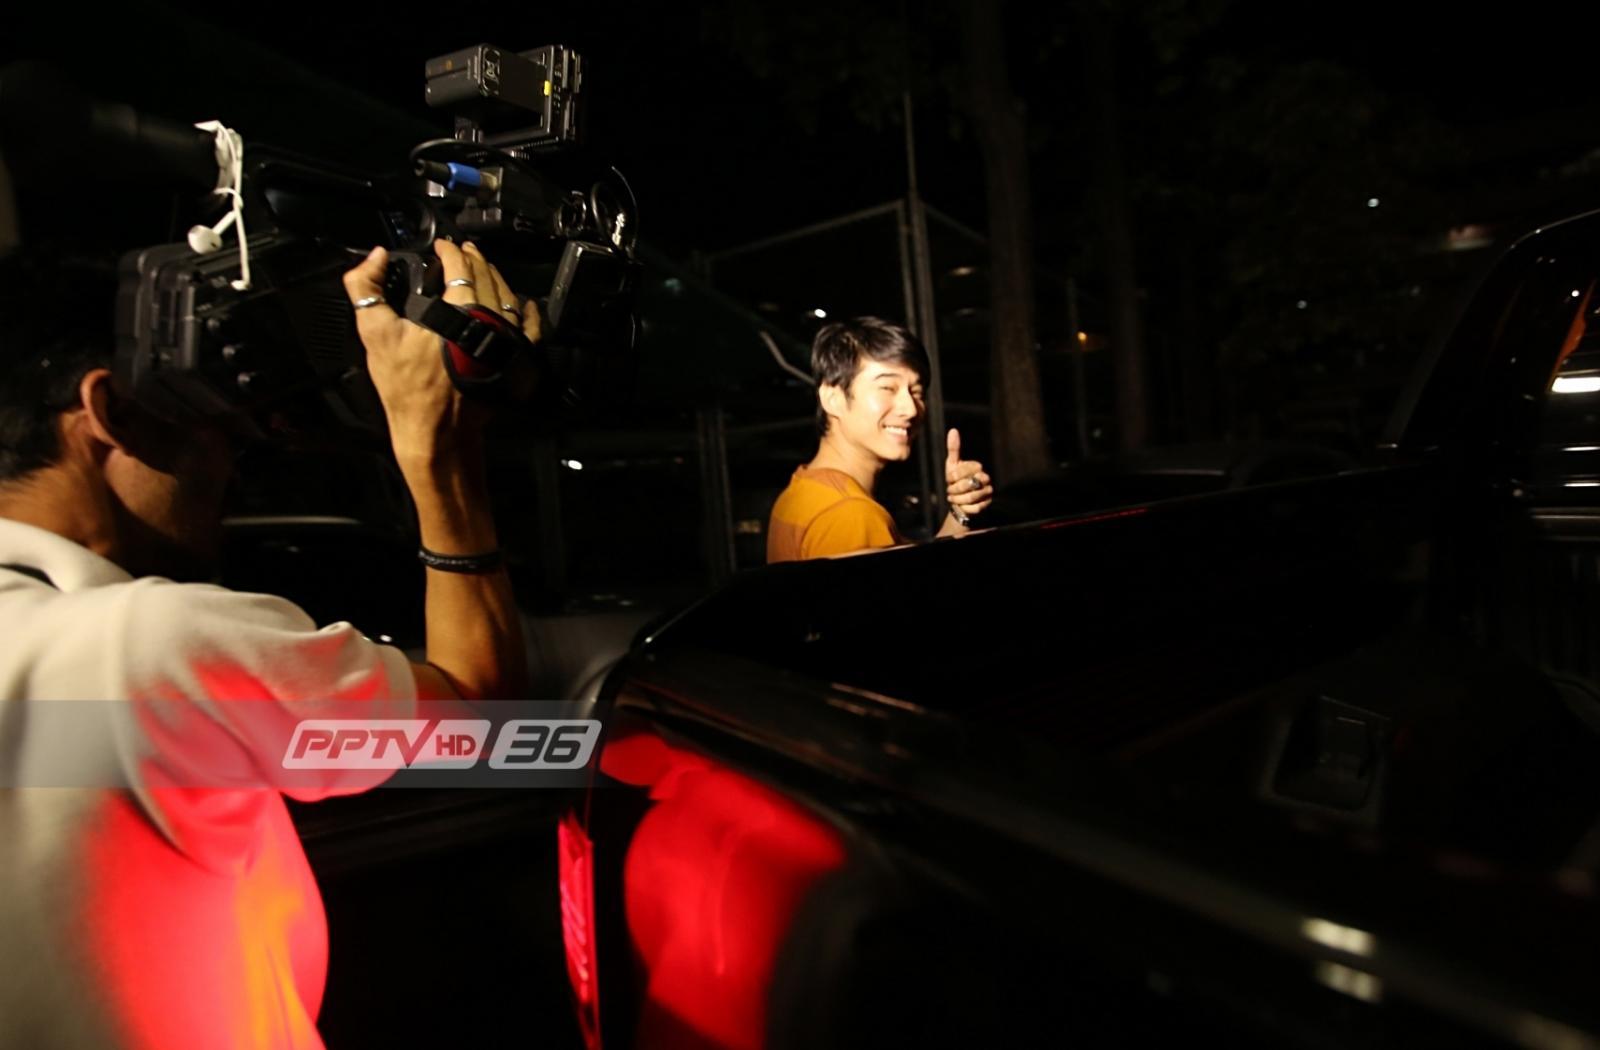 """ใจหล่อมาก! """"มาริโอ้"""" ยอมความแท็กซี่ หลังยิงหนังสติ๊กใส่กระจกรถหรูแตก"""